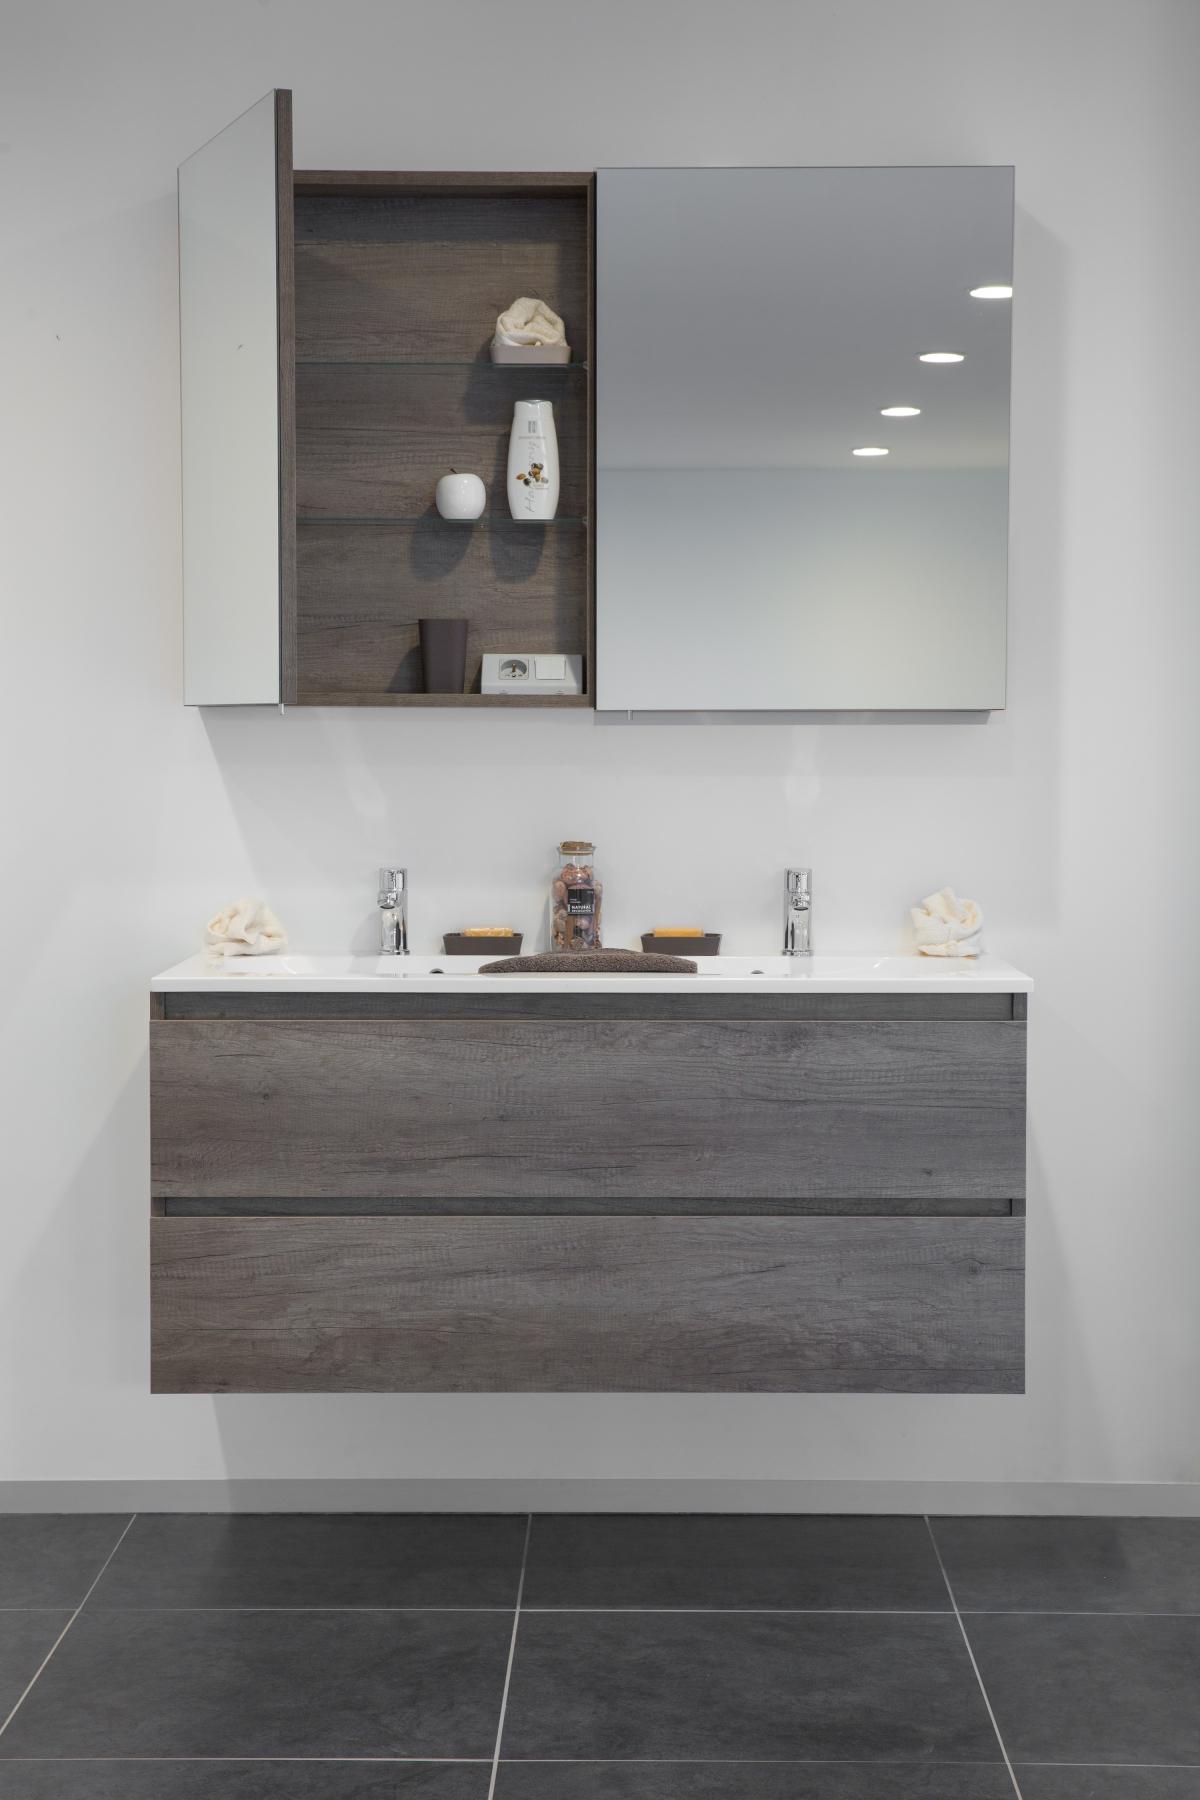 meubles de salle de bains kira zenid induscabel salle de bains chauffage et cuisine. Black Bedroom Furniture Sets. Home Design Ideas